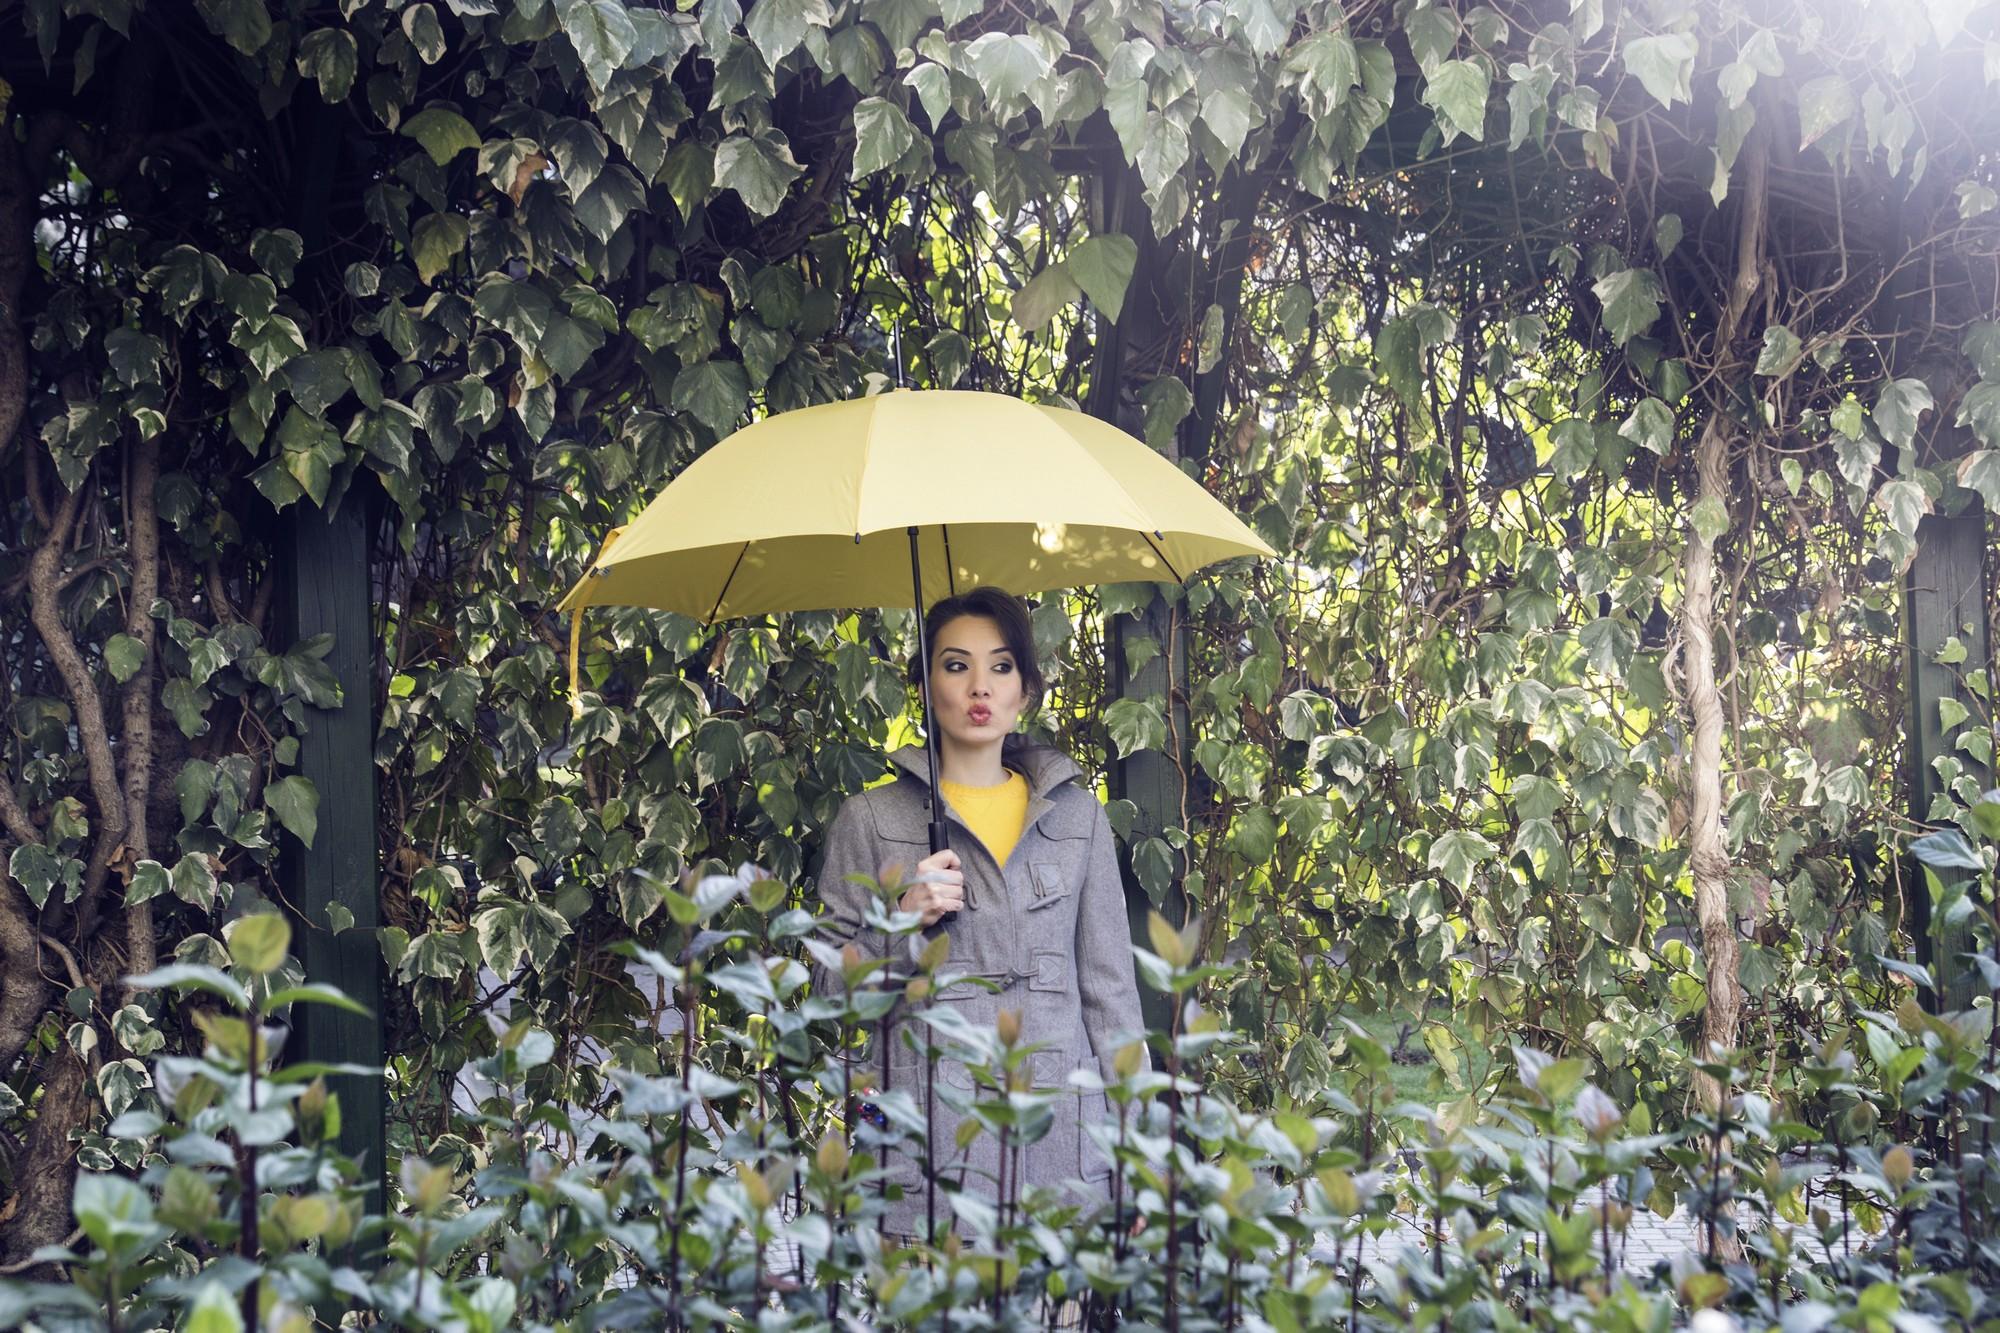 ozberk baz, moda fotografi, woods